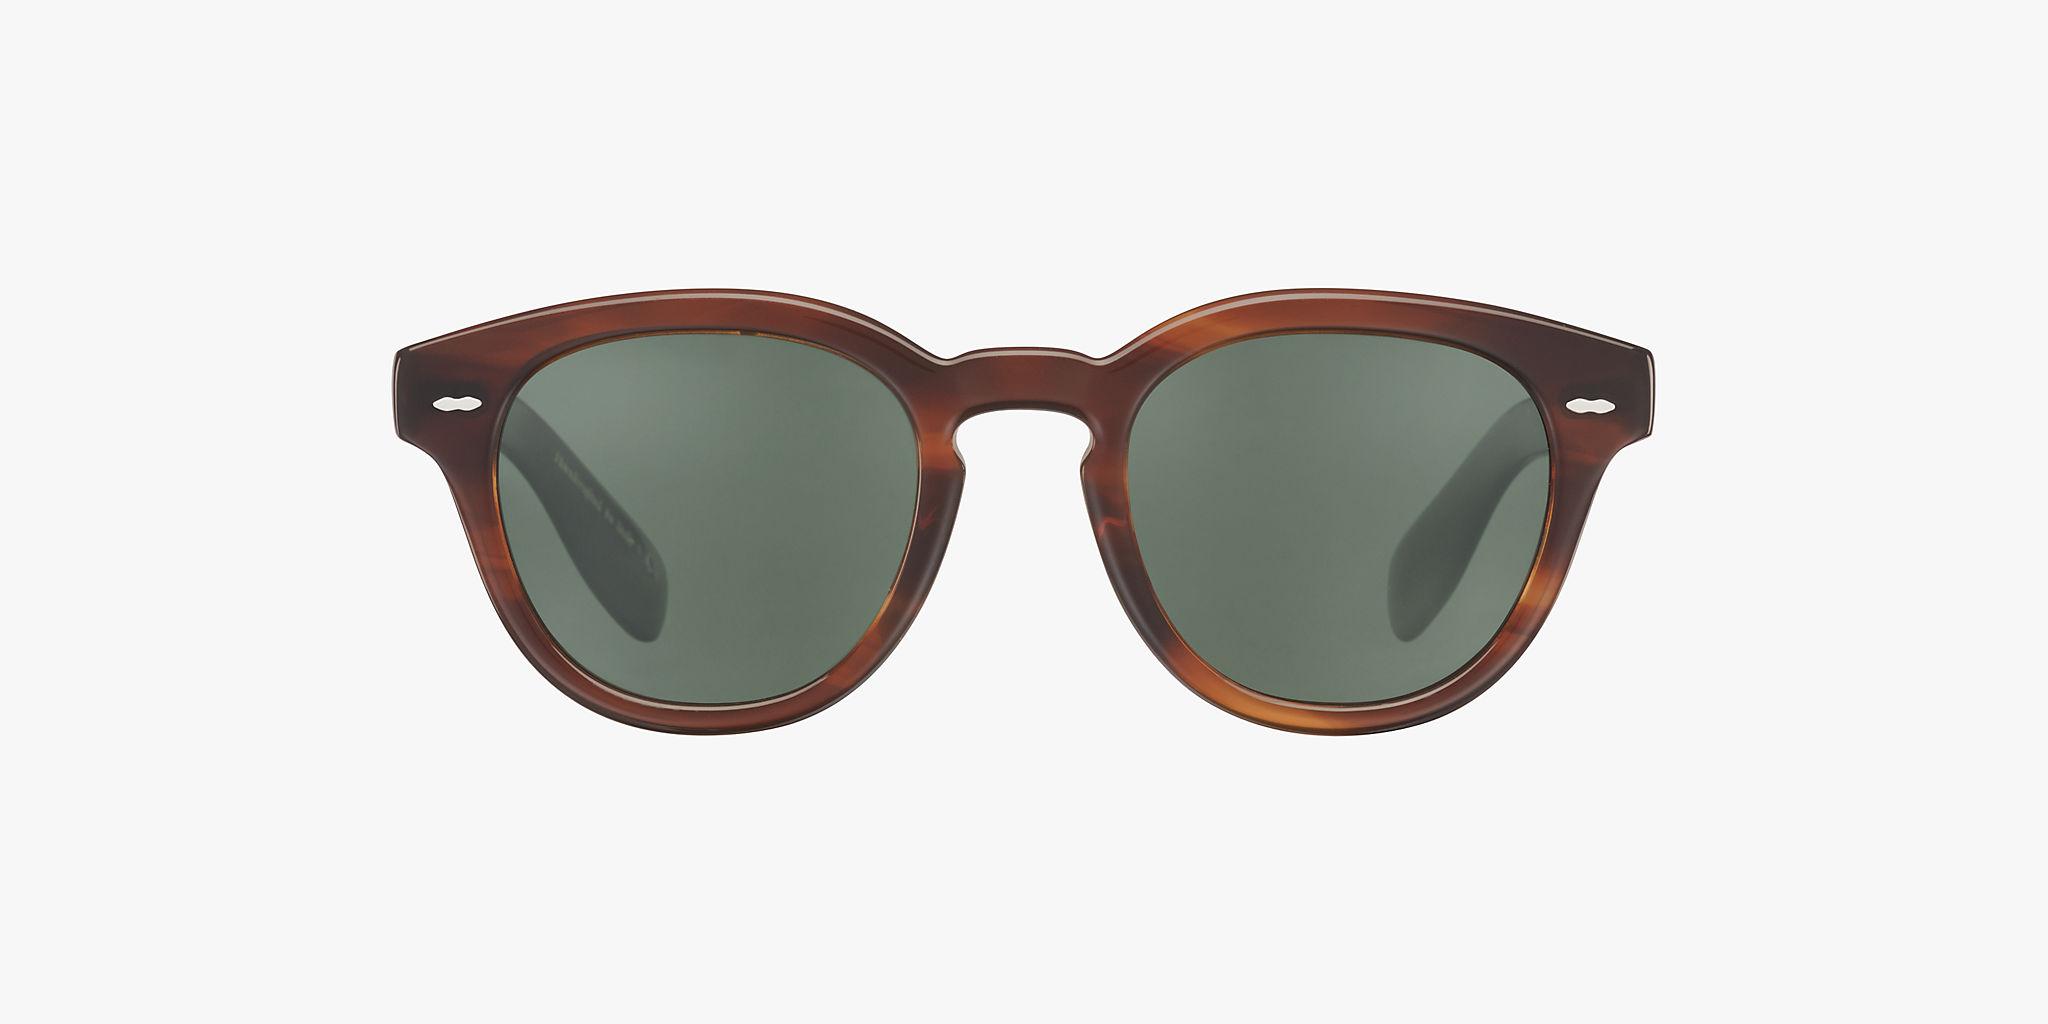 Uk Sunglasses Sunglasses Sunglasses Oliver Oliver Oliver Peoples Uk Oliver Uk Peoples Peoples bfyY6v7g